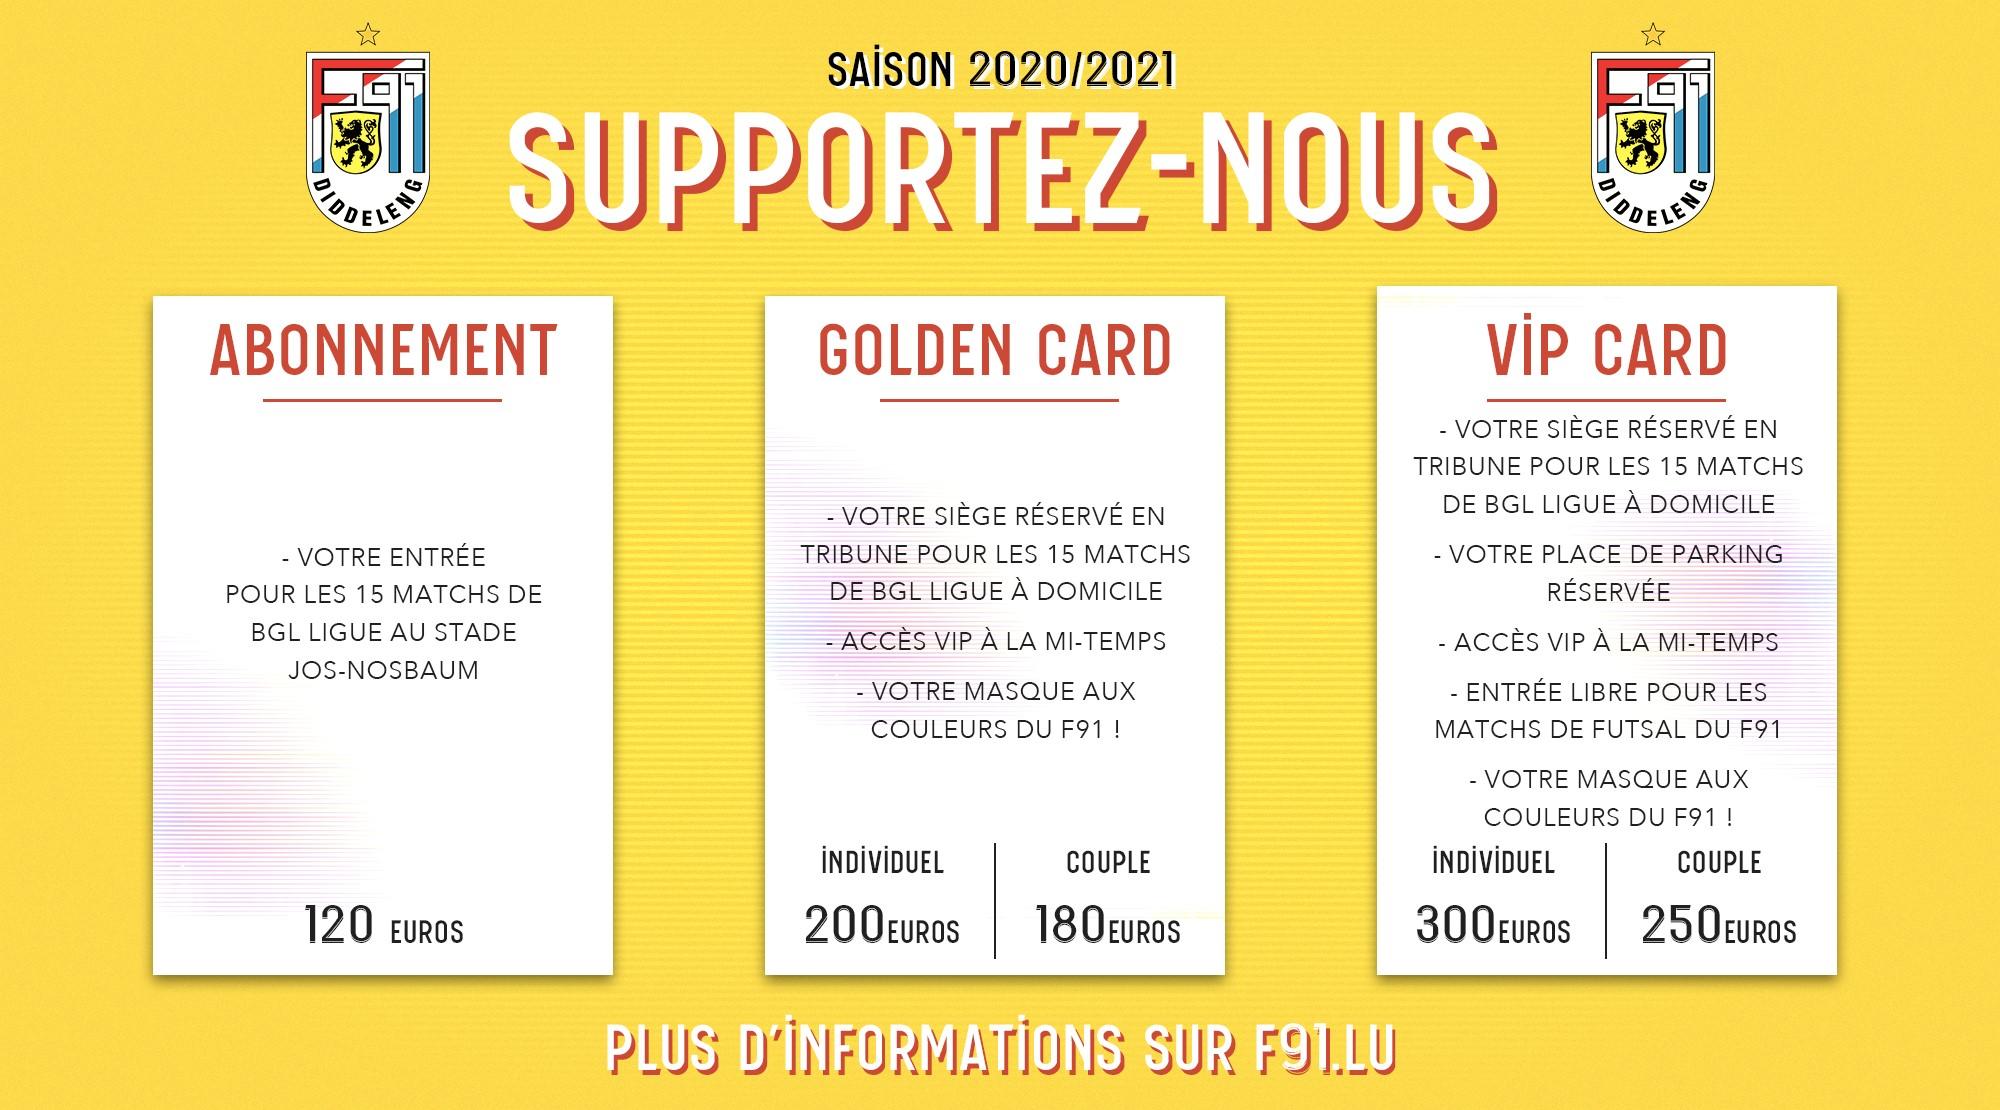 ABONNEMENTS SAISON 2020/21